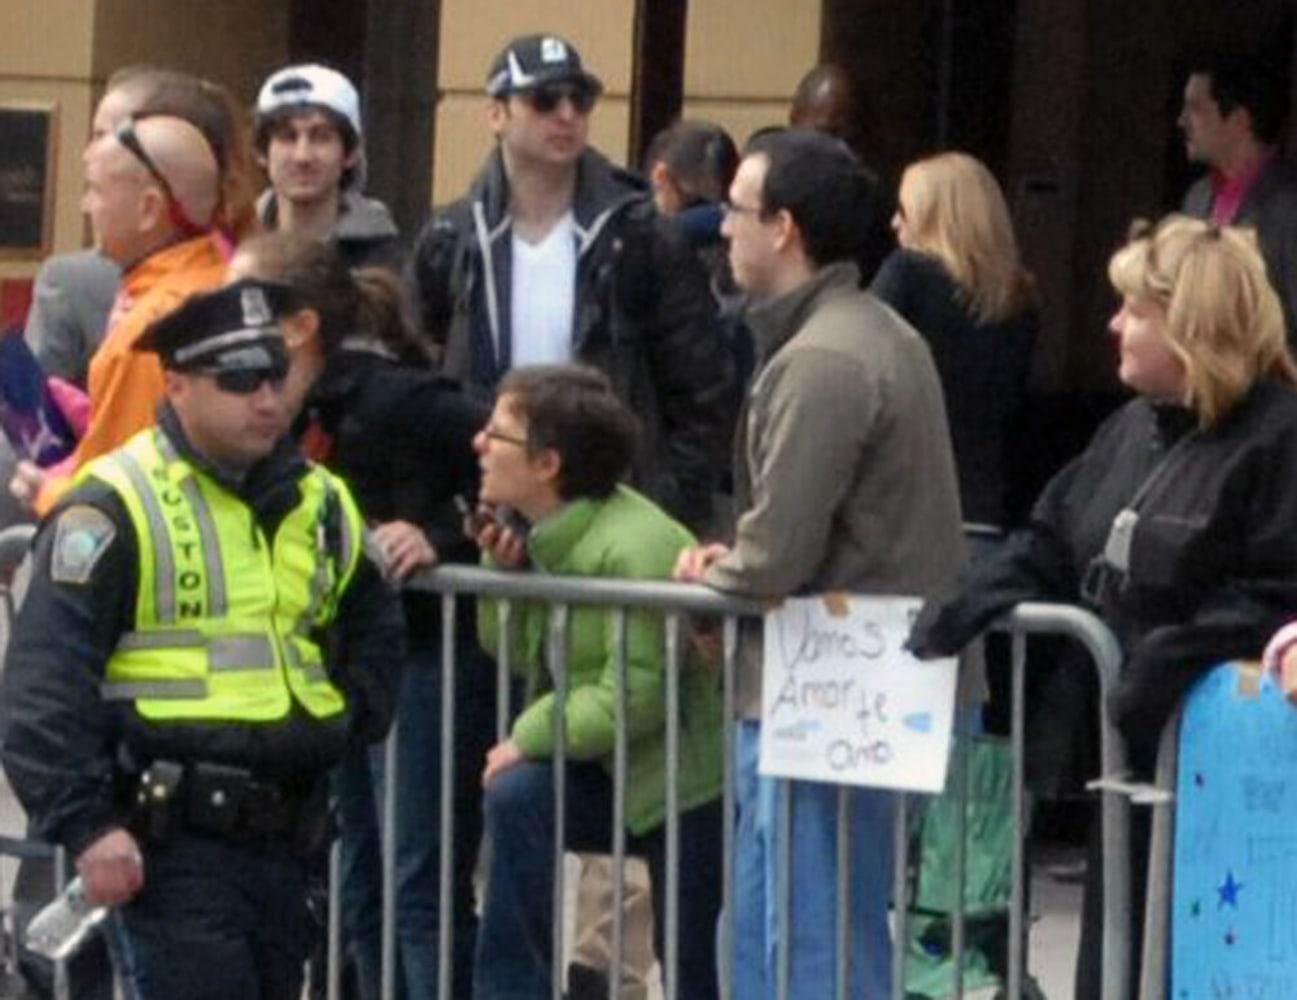 Image Tamerlan Tsarnaev